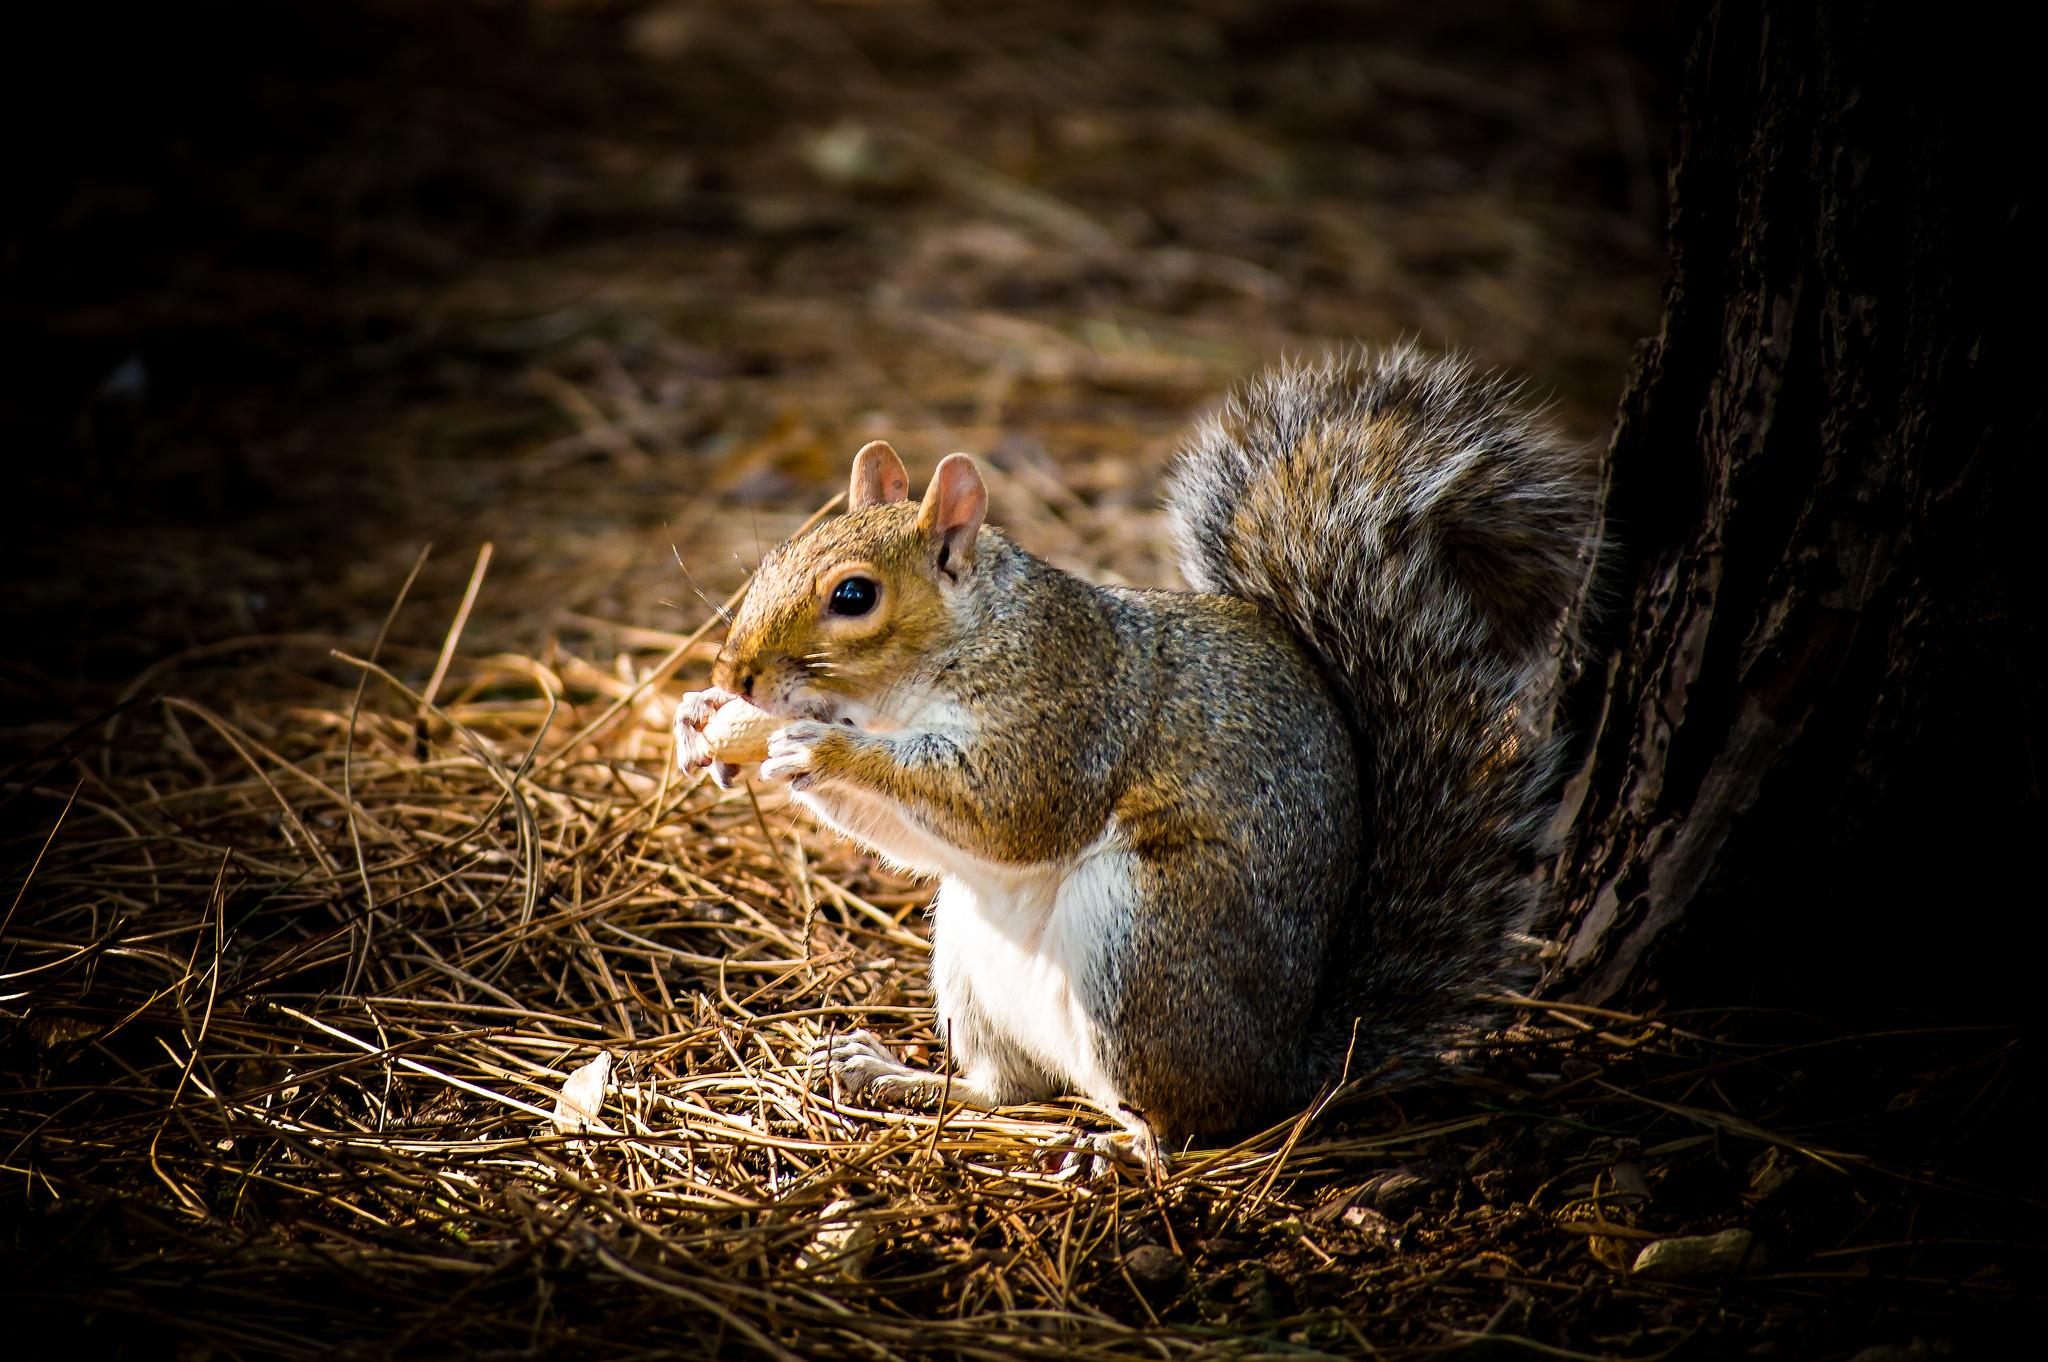 Squirrel by Philip Money.